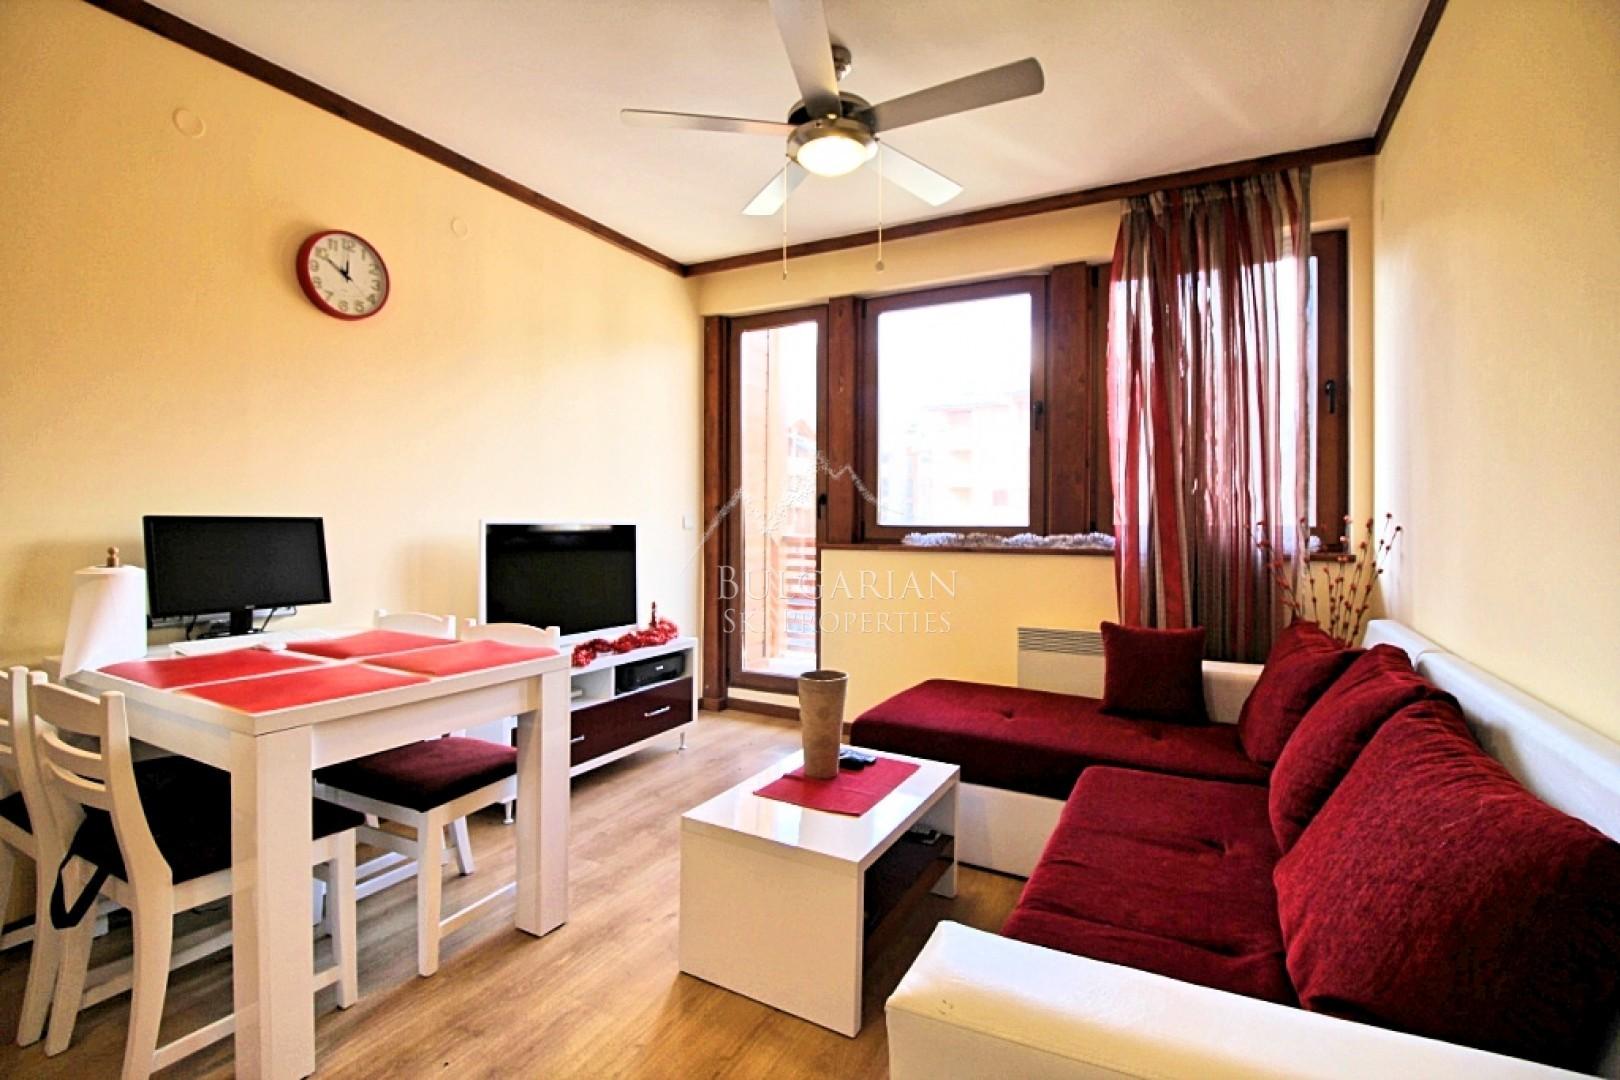 Банско: стильно меблированная двухкомнатная квартира на продажу на Св. Иван Ски & Спа